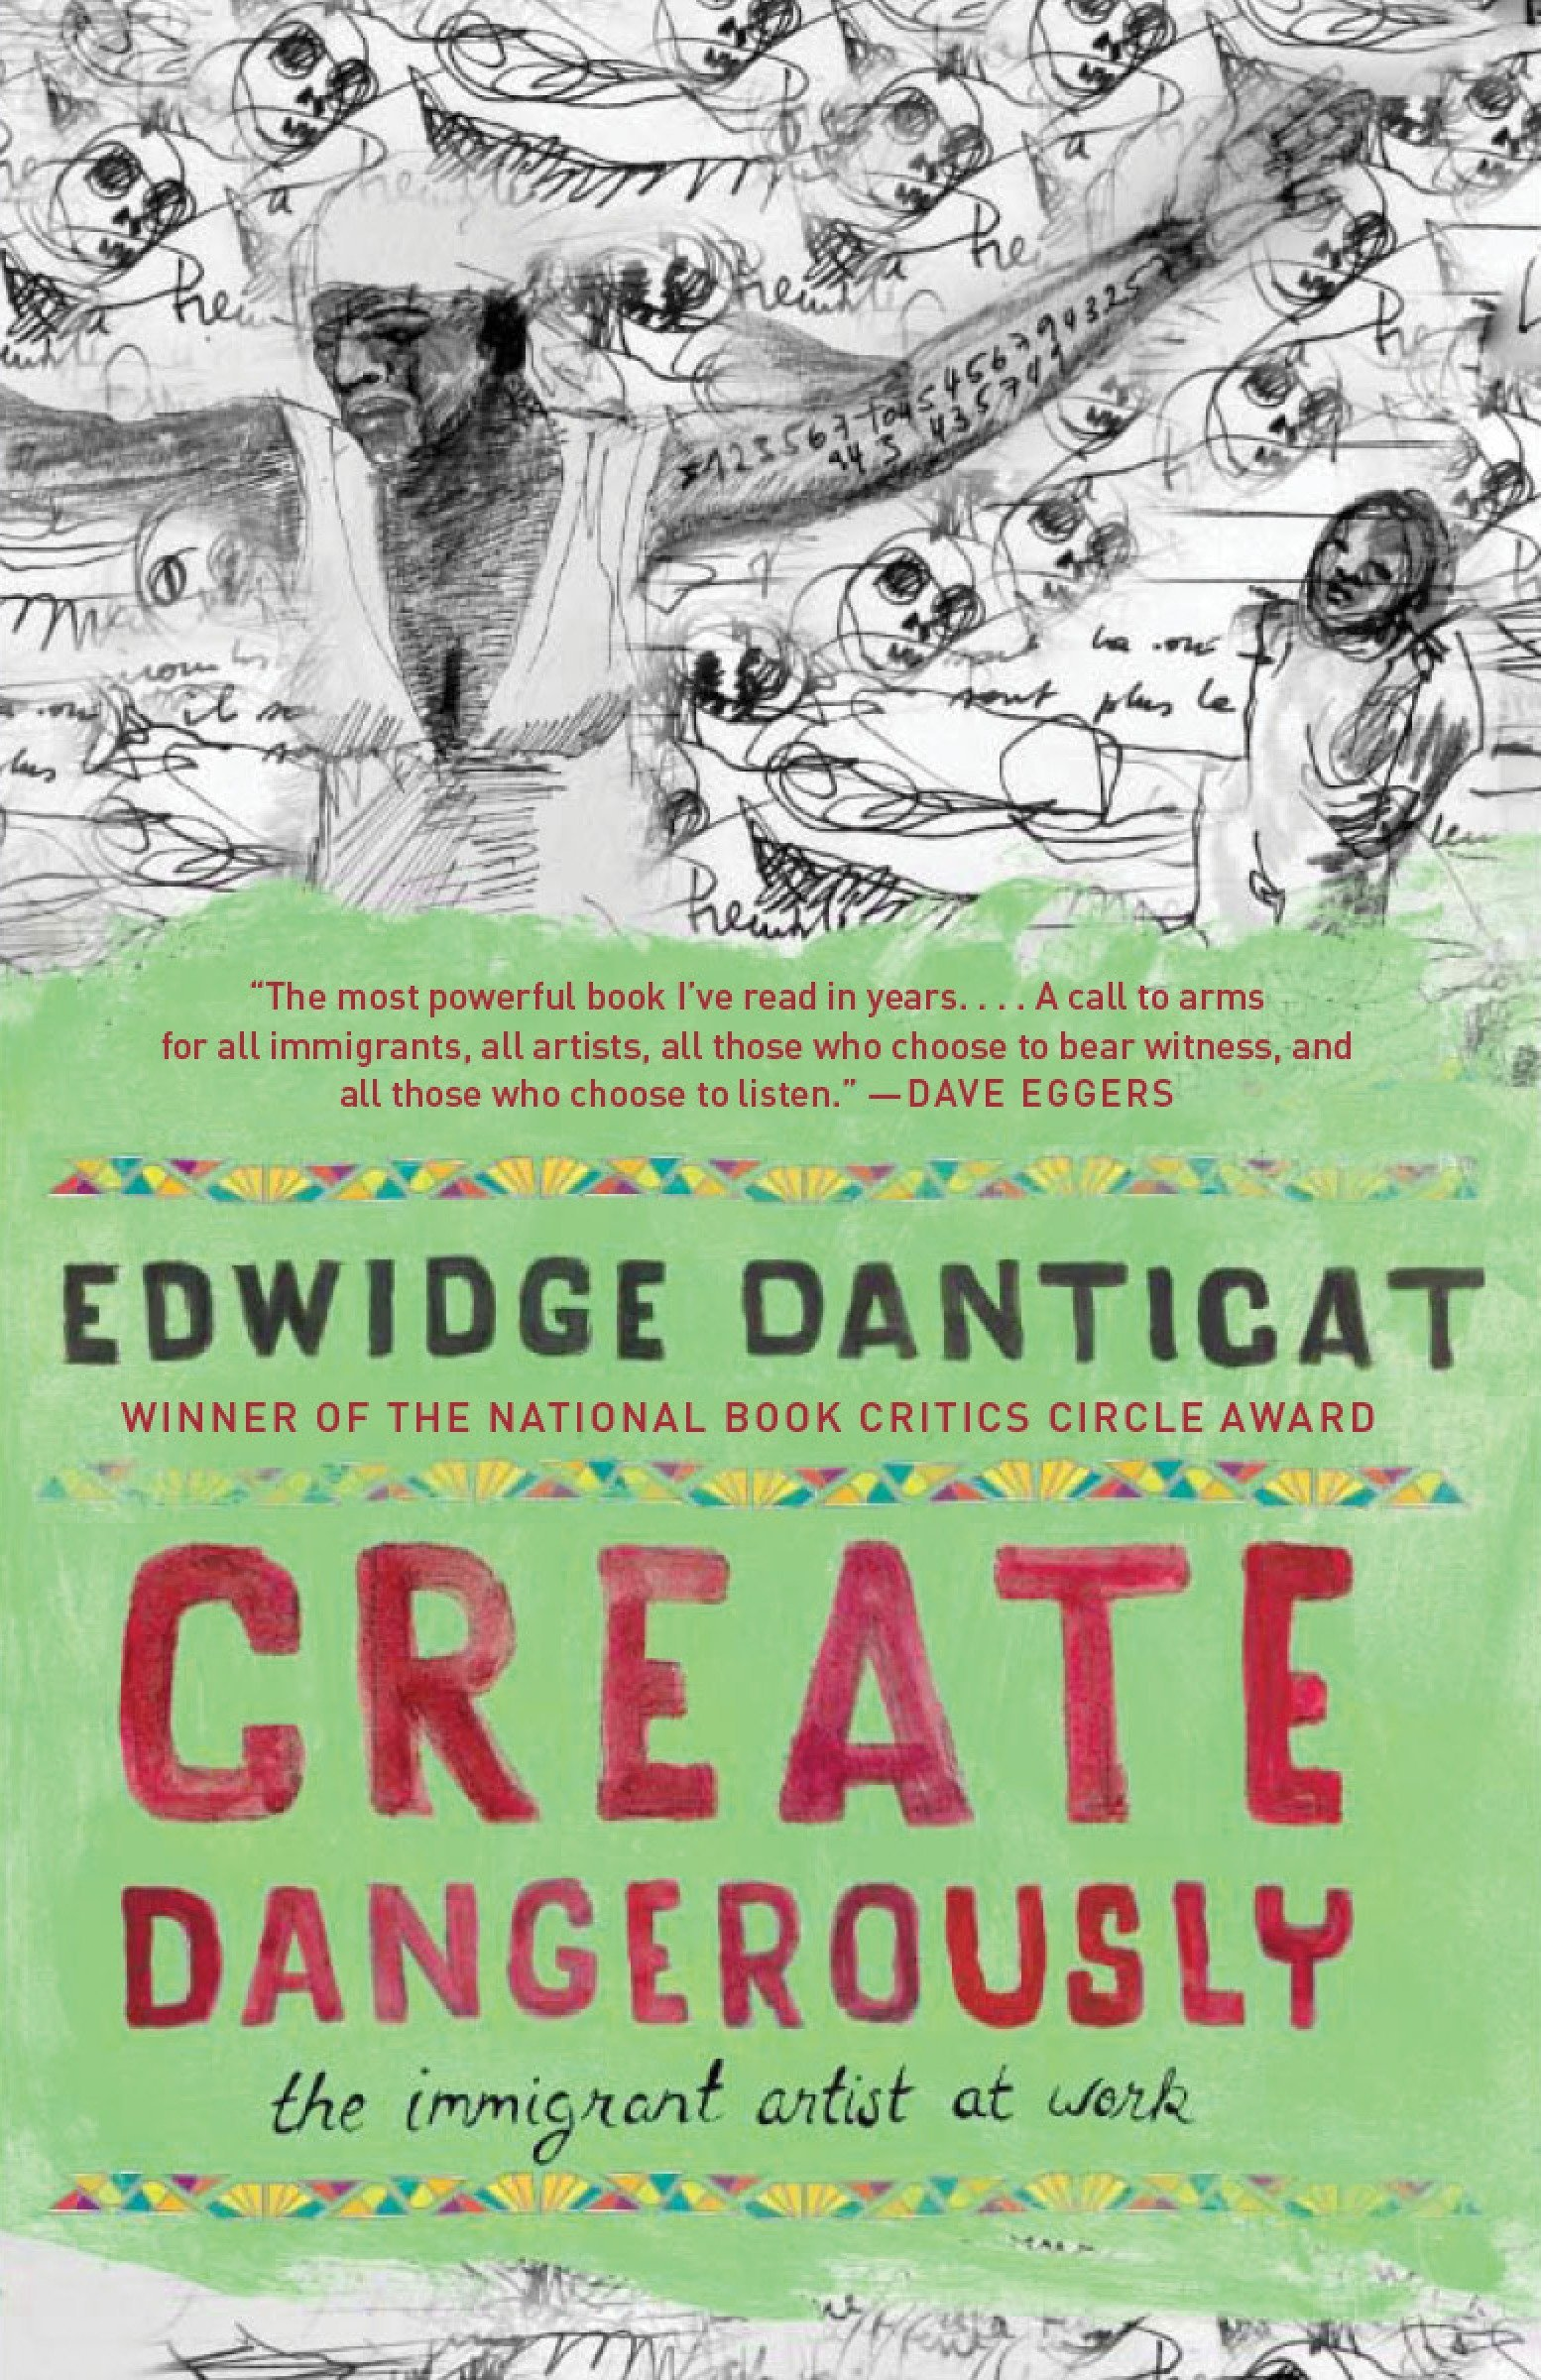 Edwige danticat create dangerously pdf